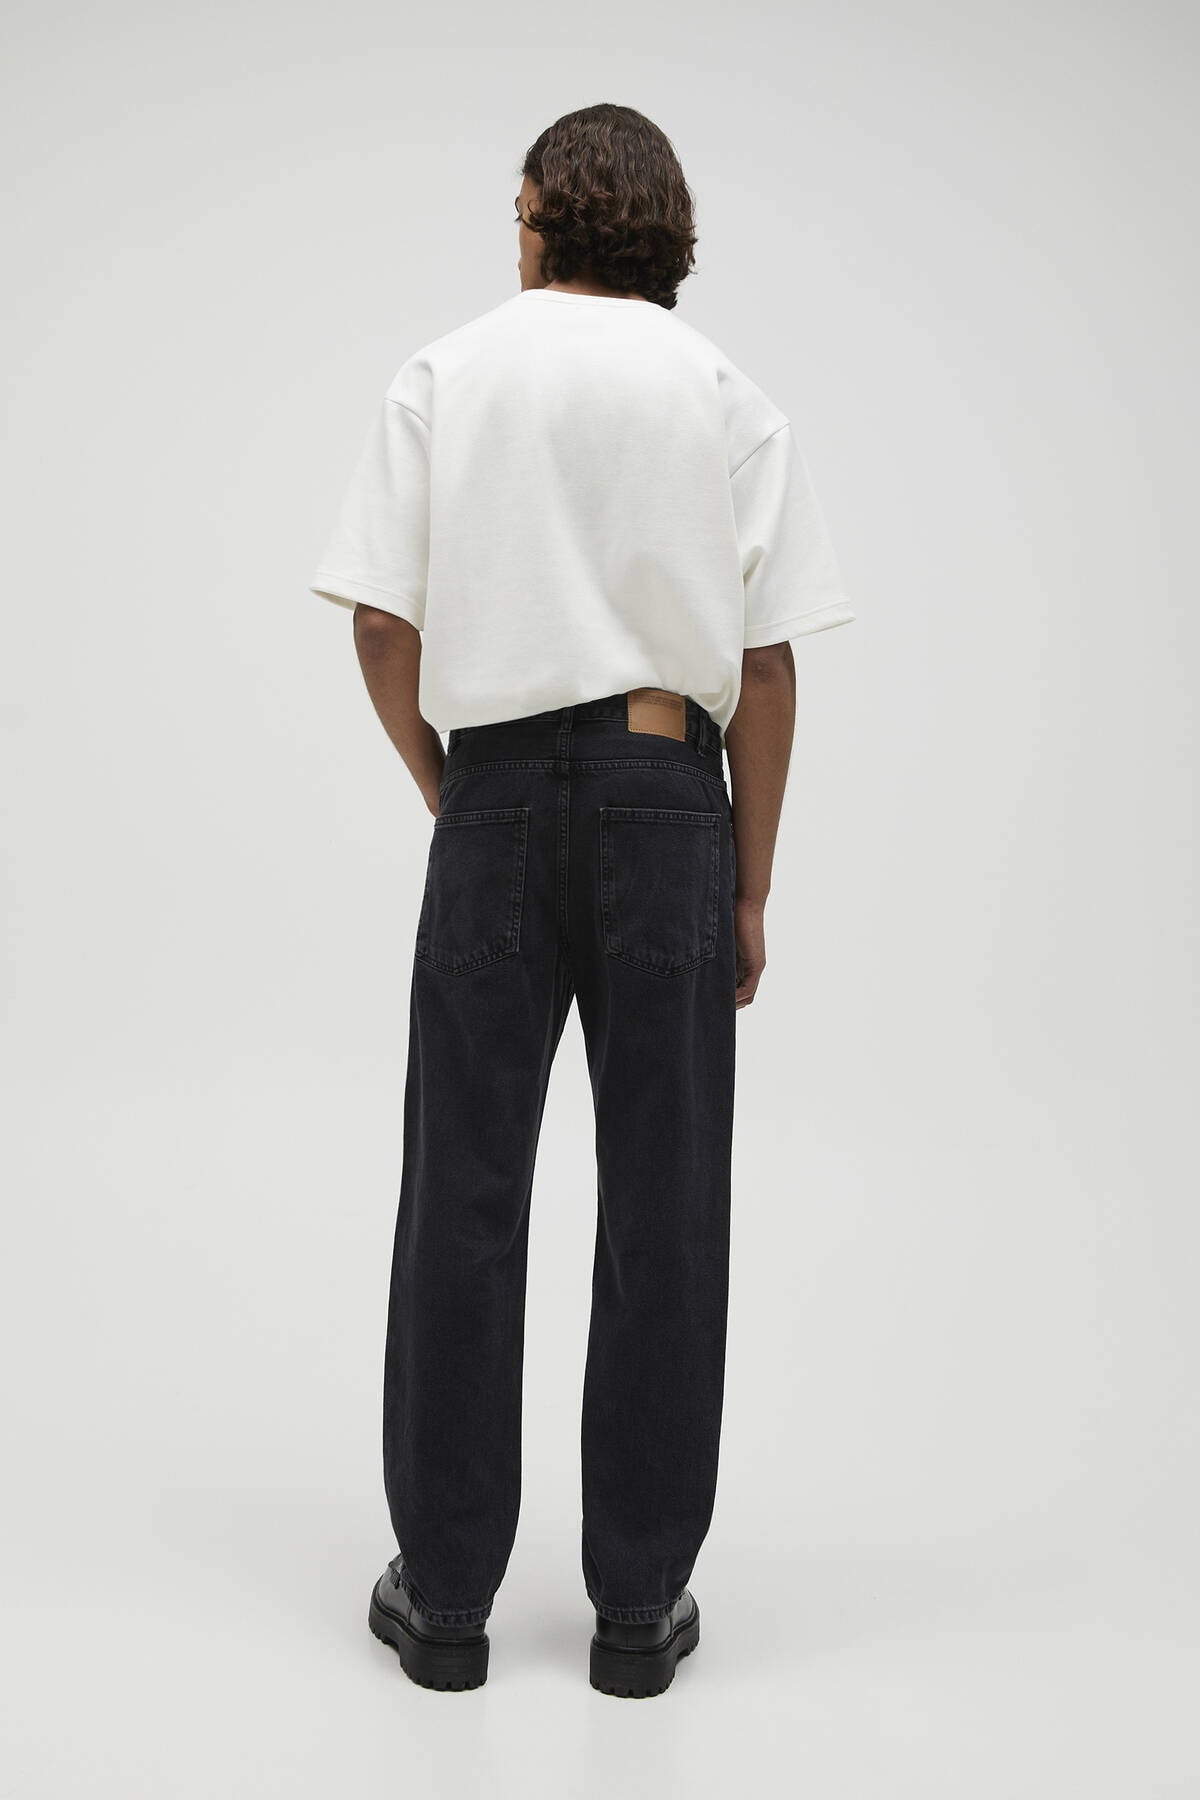 Pull & Bear Erkek Soluk Siyah Vintage Straight Fit Jean 04685522 3